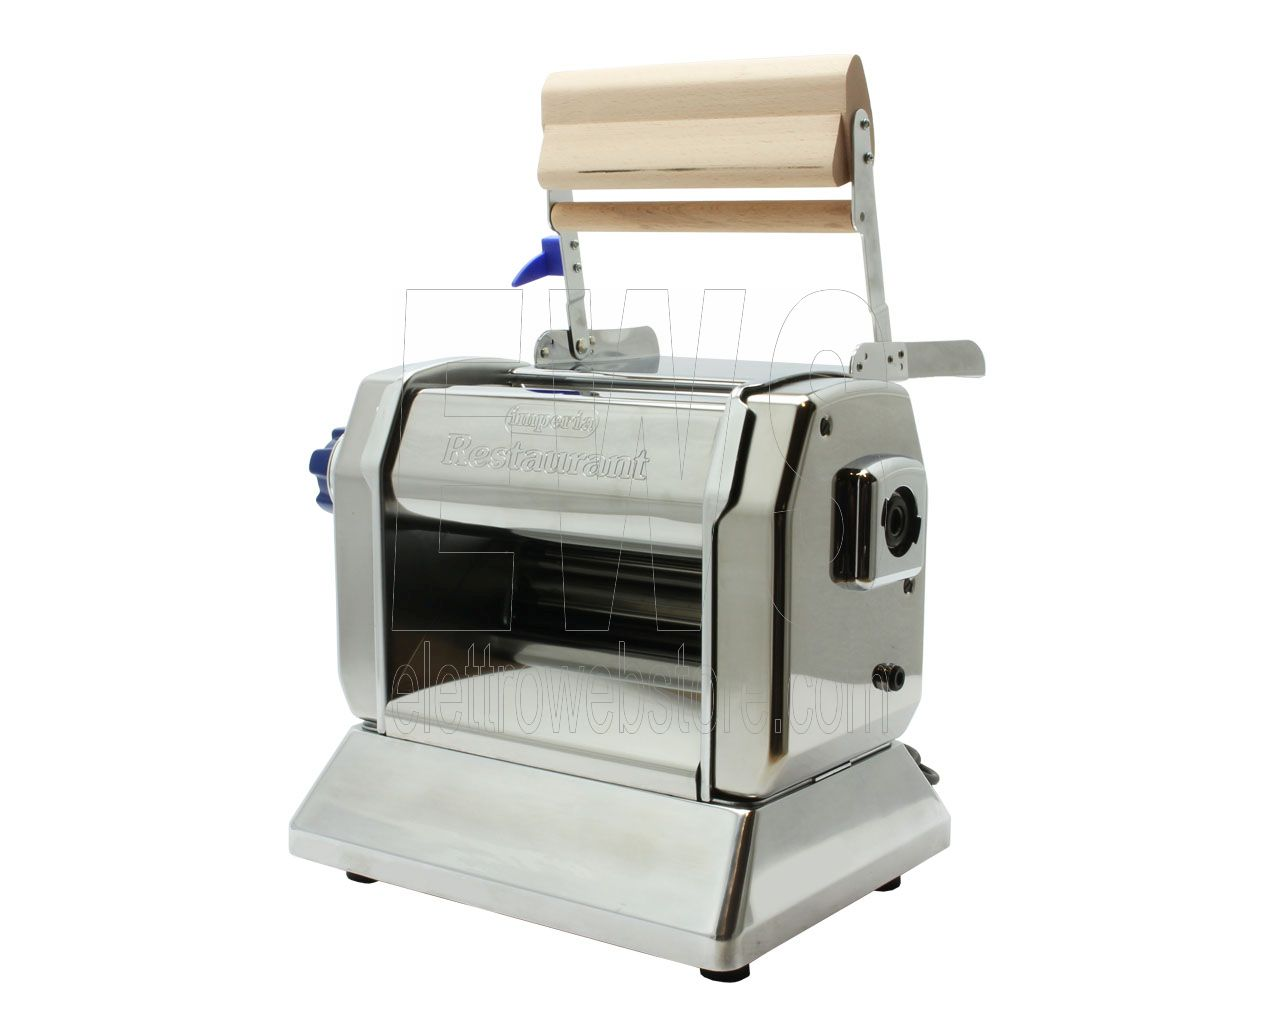 IMPERIA New Restaurant macchina sfogliatrice pasta elettronica professionale 045